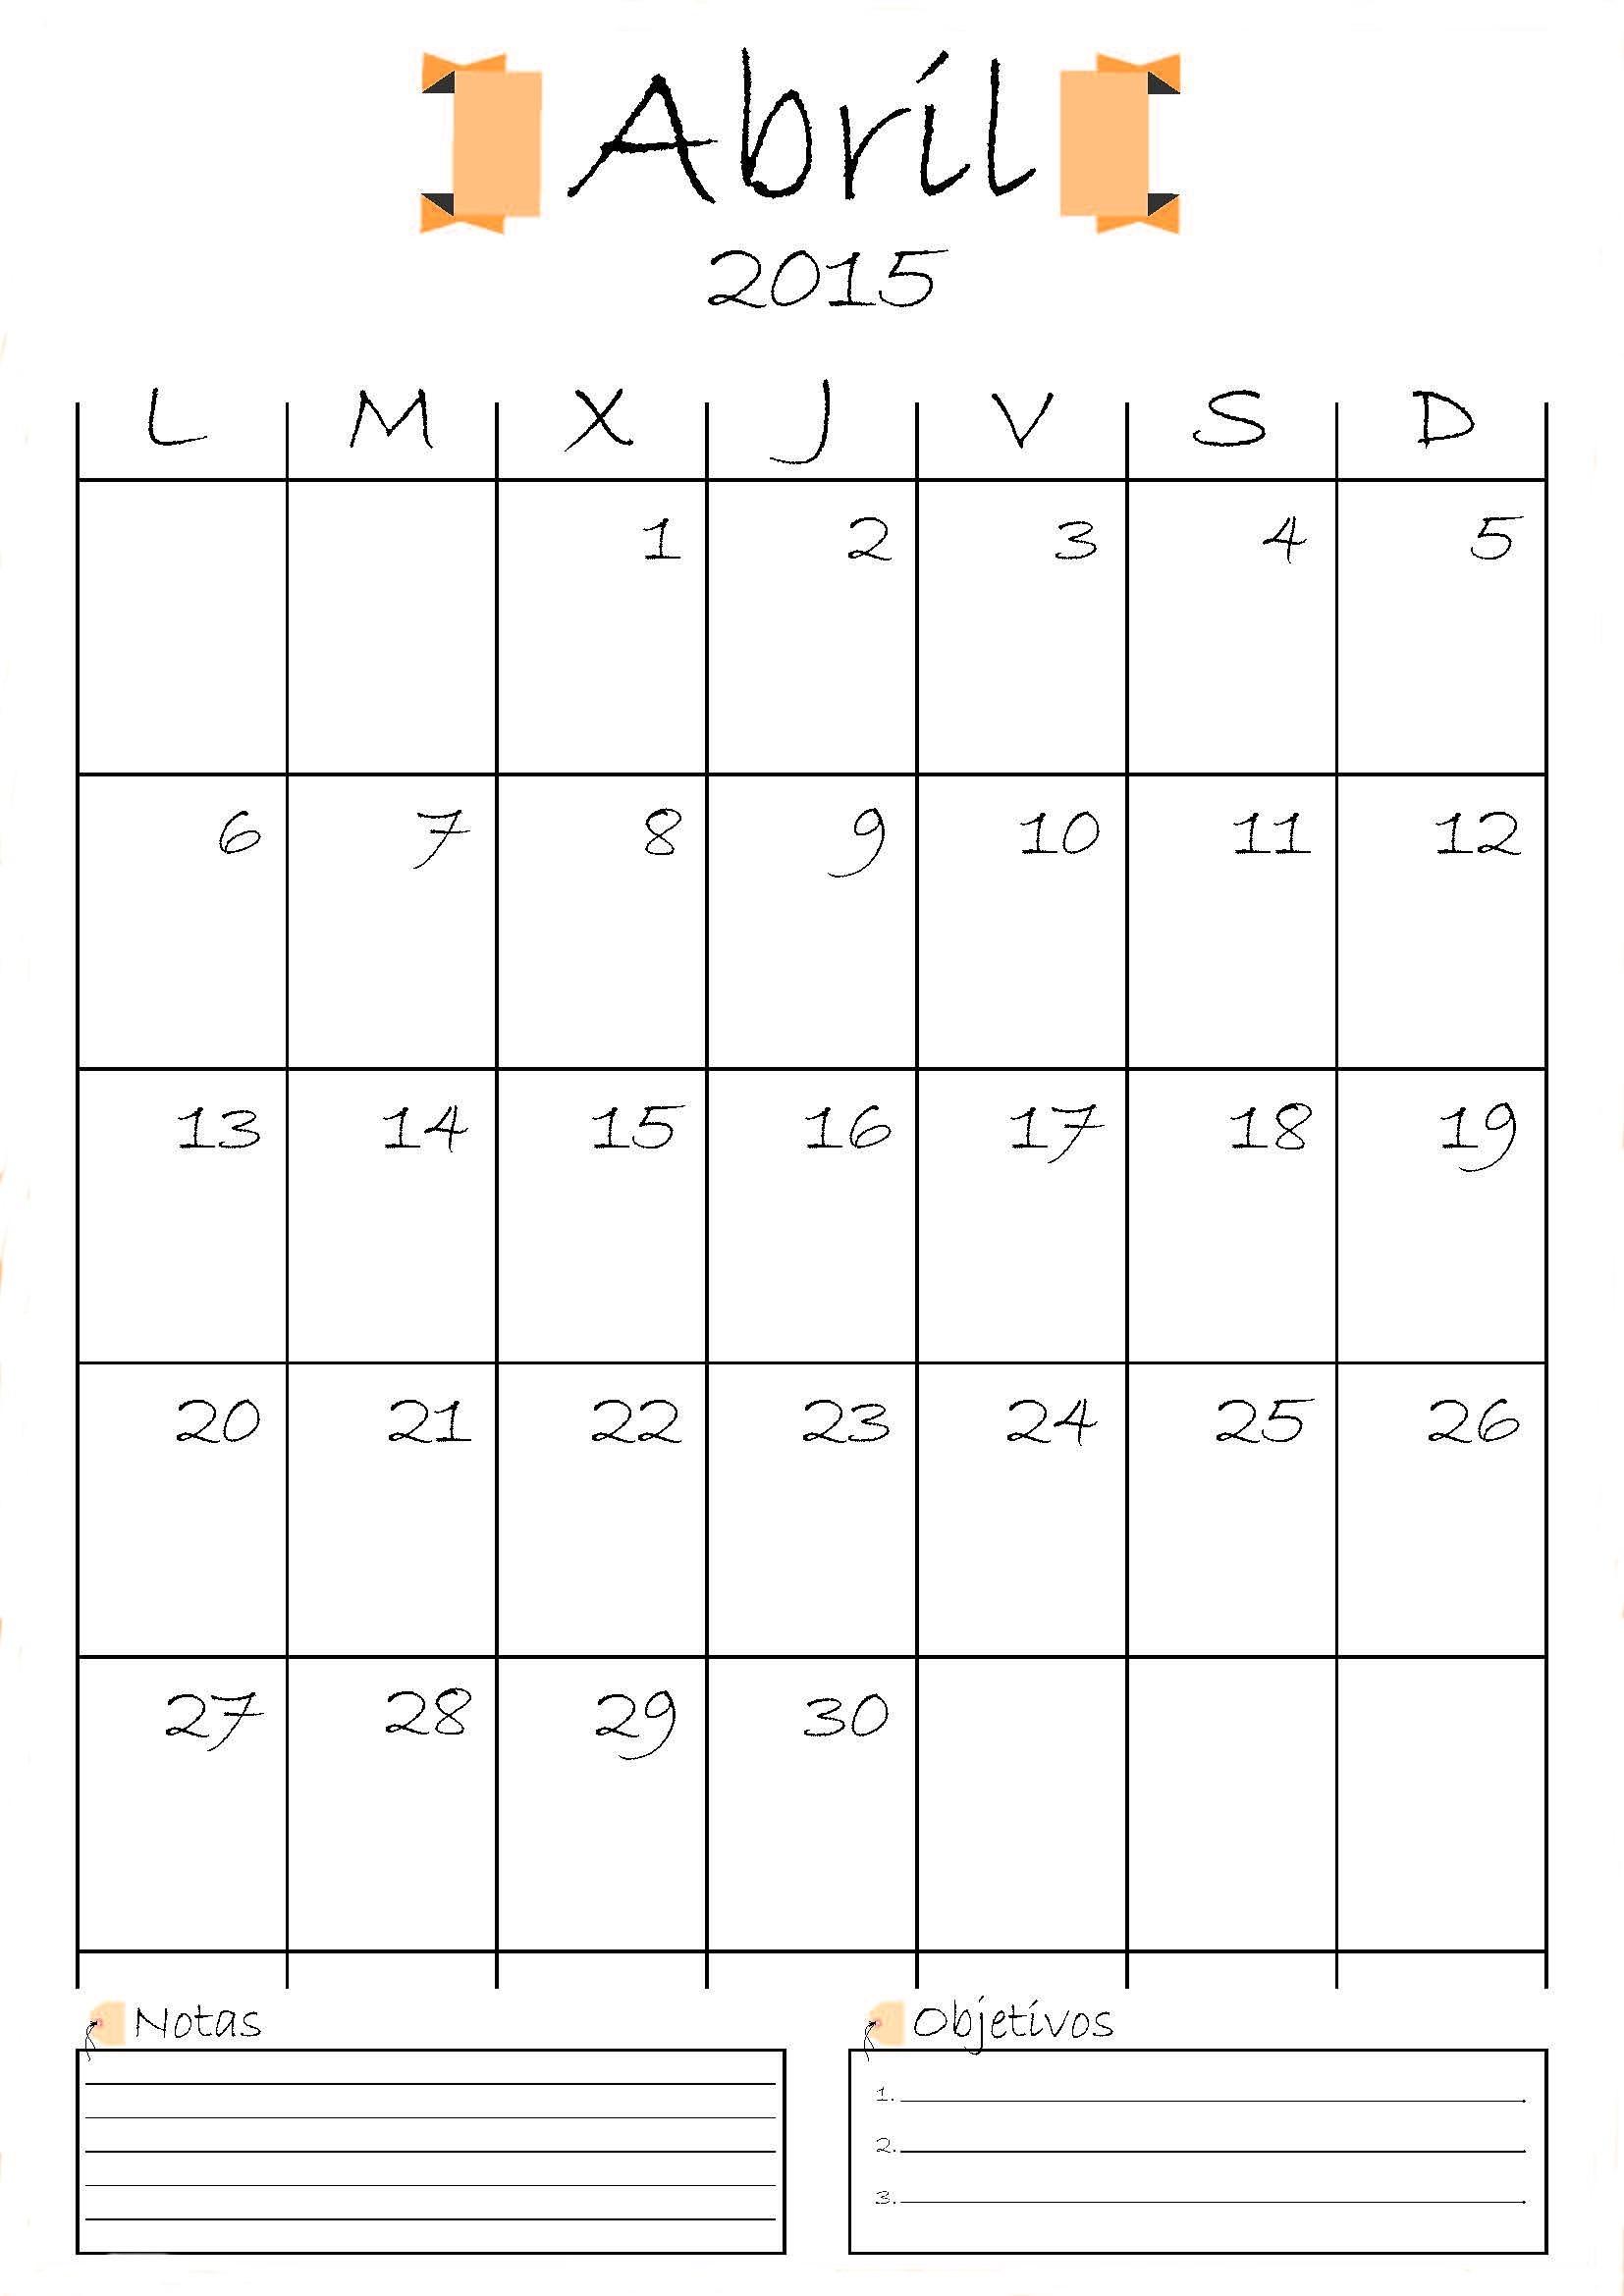 Calendario 2019 Para Imprimir Word Más Recientes Imprimir Moorddiner Calendario 2017 Por Mes Of Calendario 2019 Para Imprimir Word Más Actual 2015 2016 2017 Calendar 4 Three Year Printable Pdf Calendars